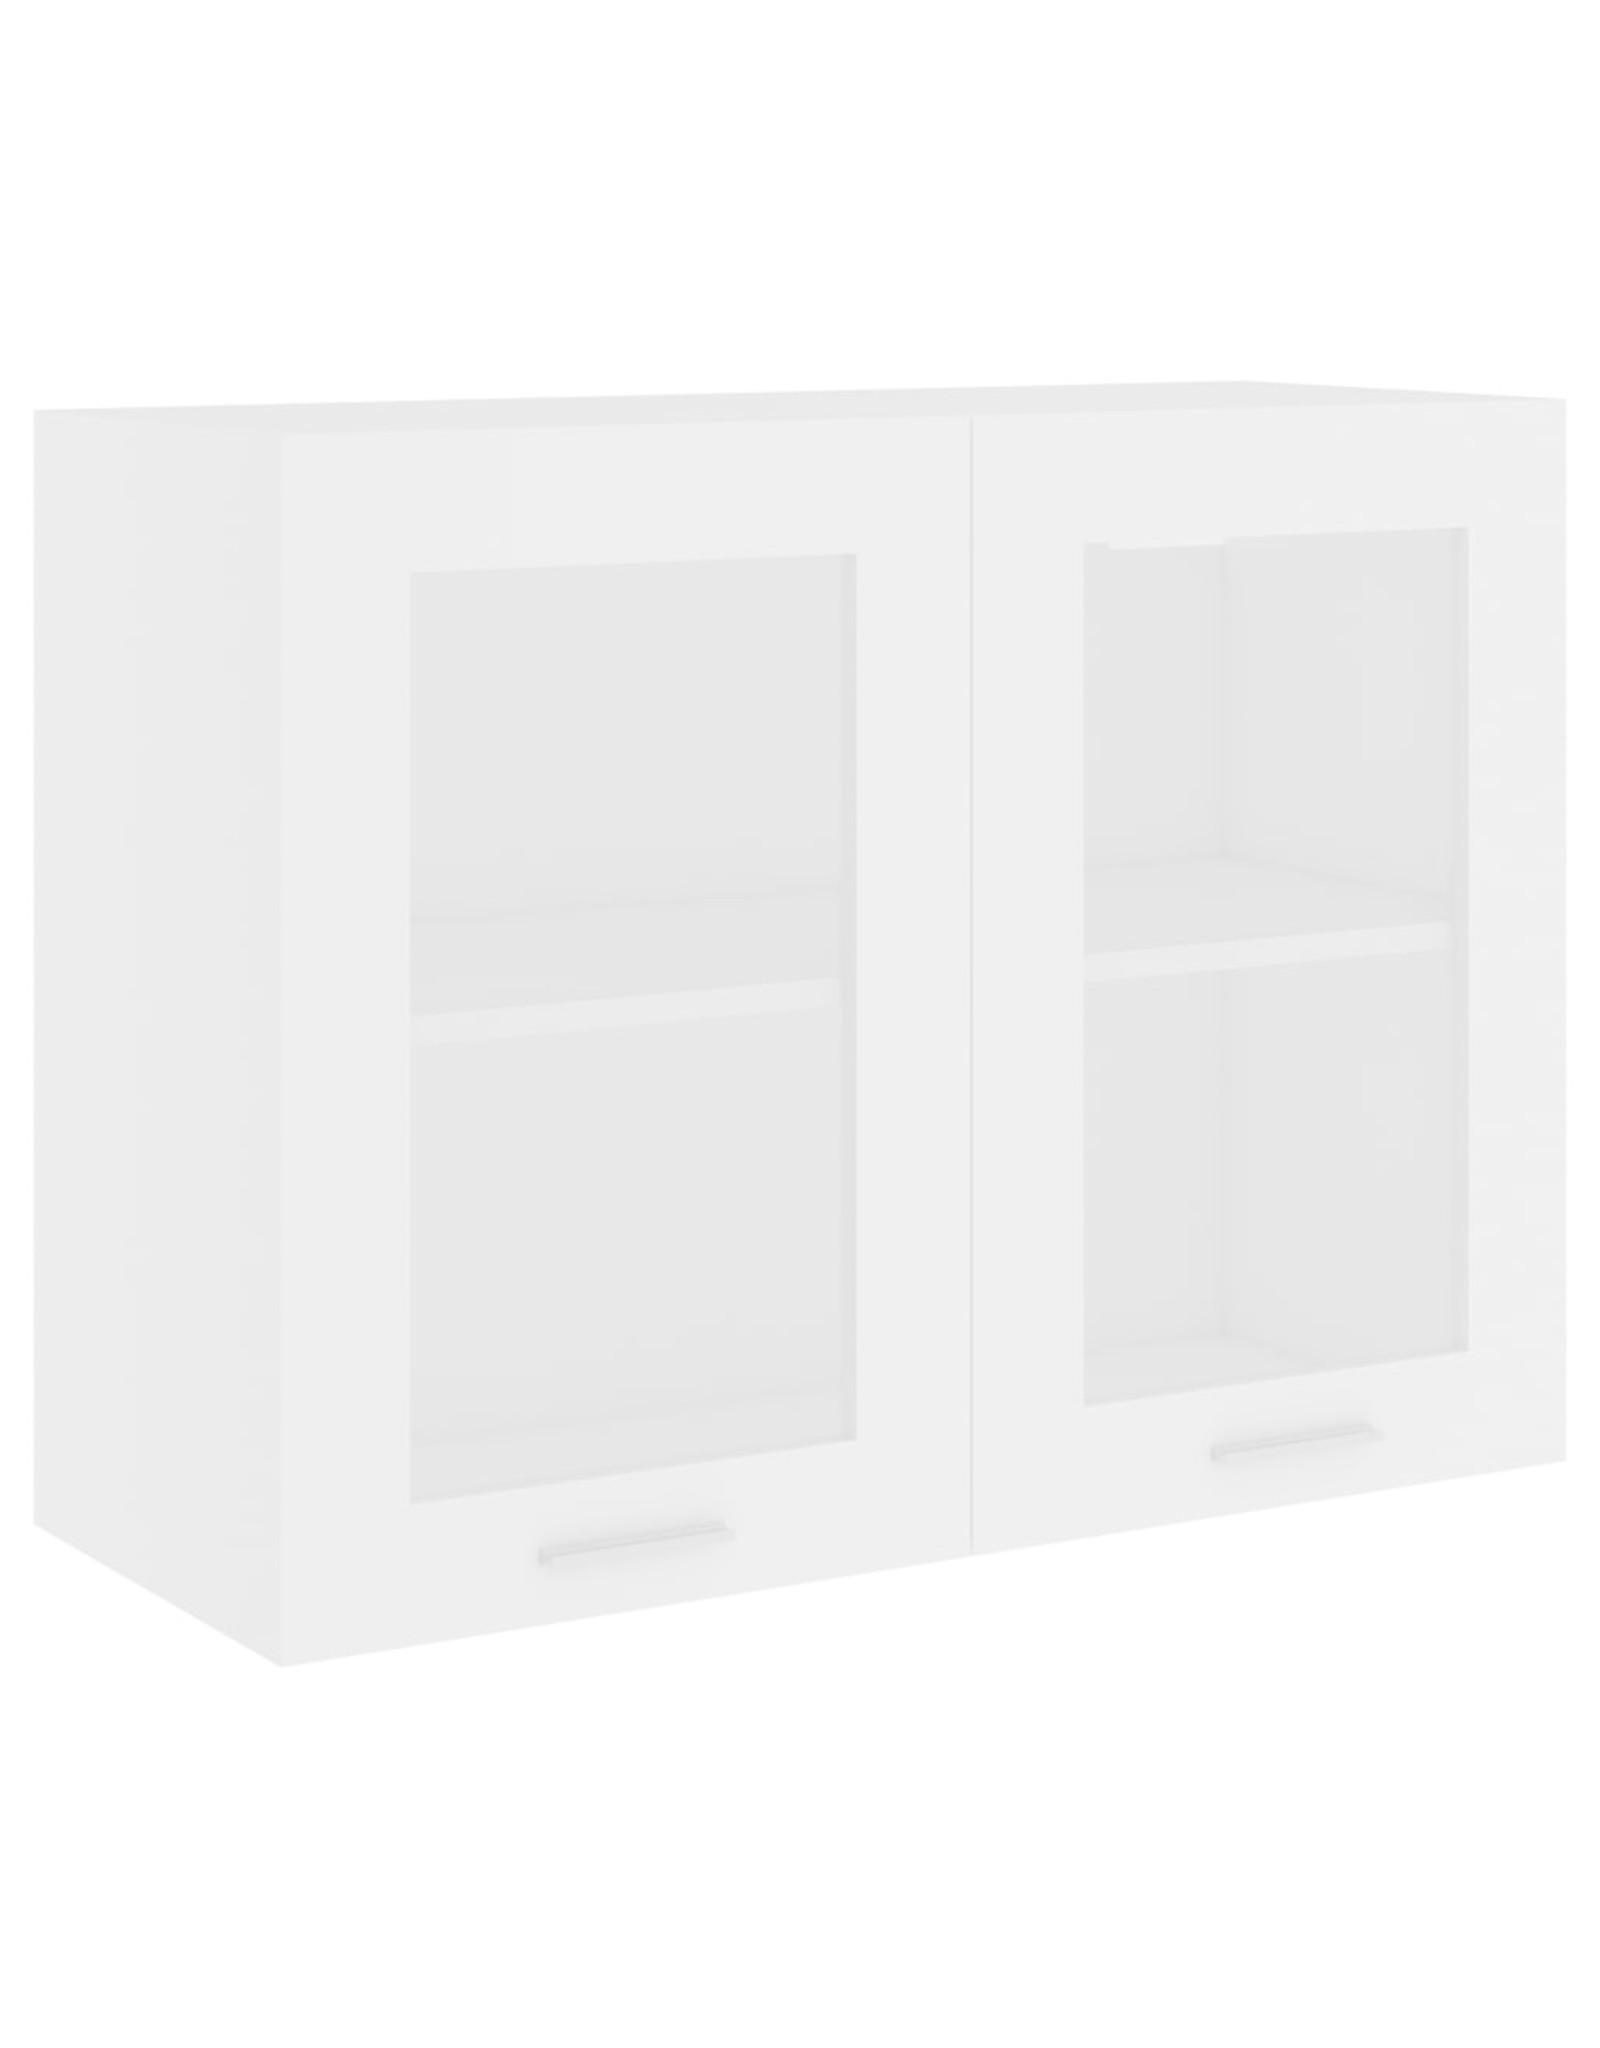 Hangkast 80x31x60 cm spaanplaat wit